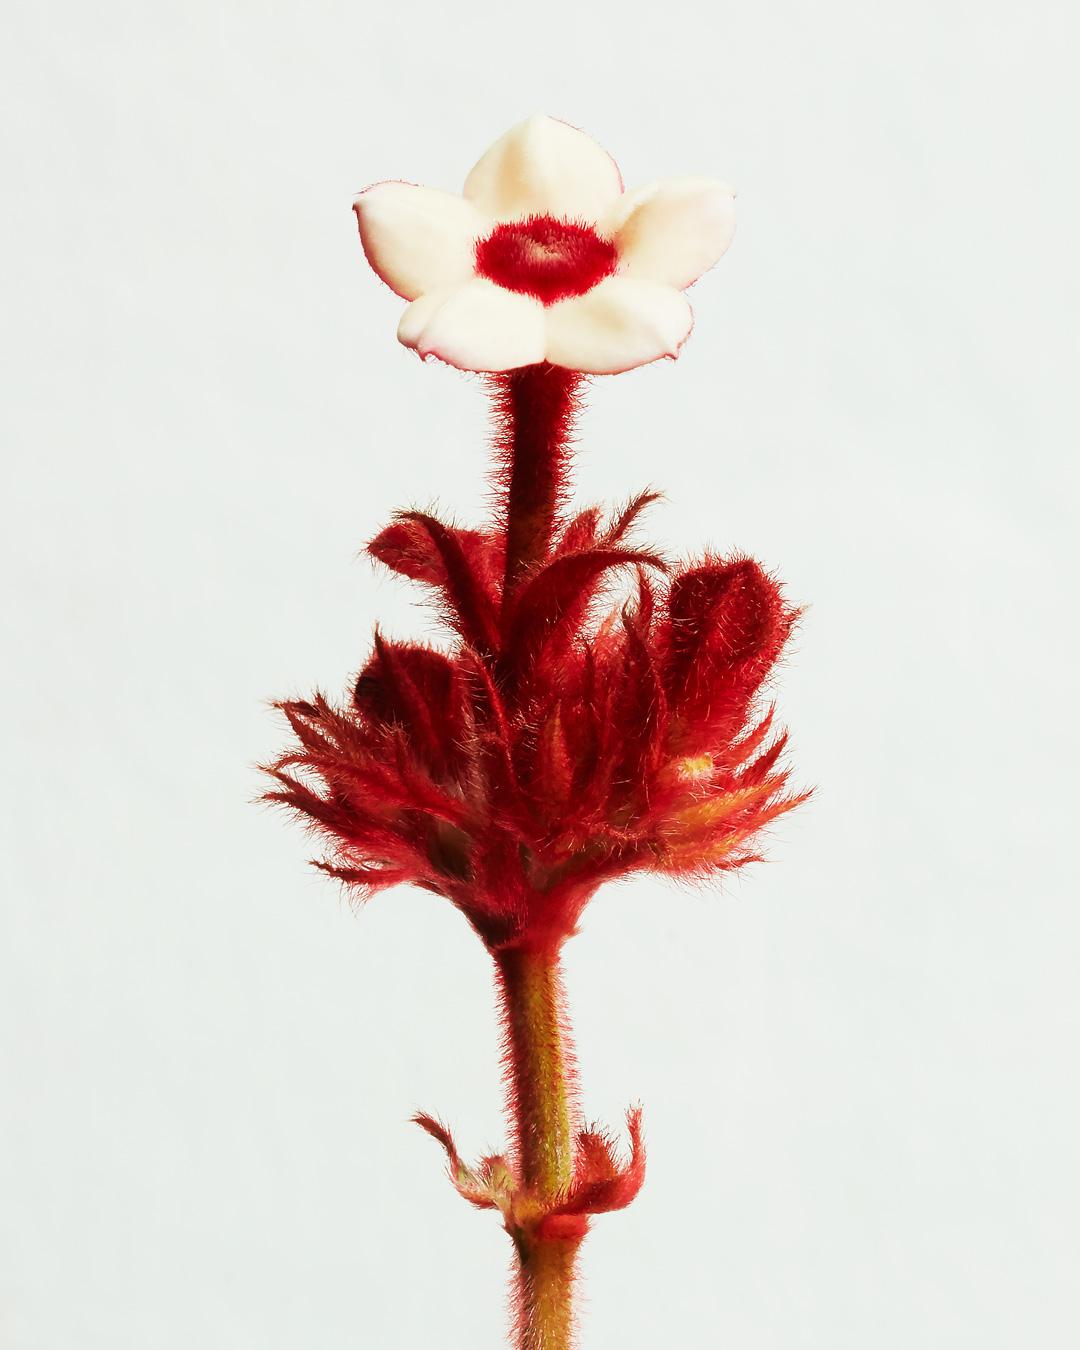 AmaranthusCaudatus